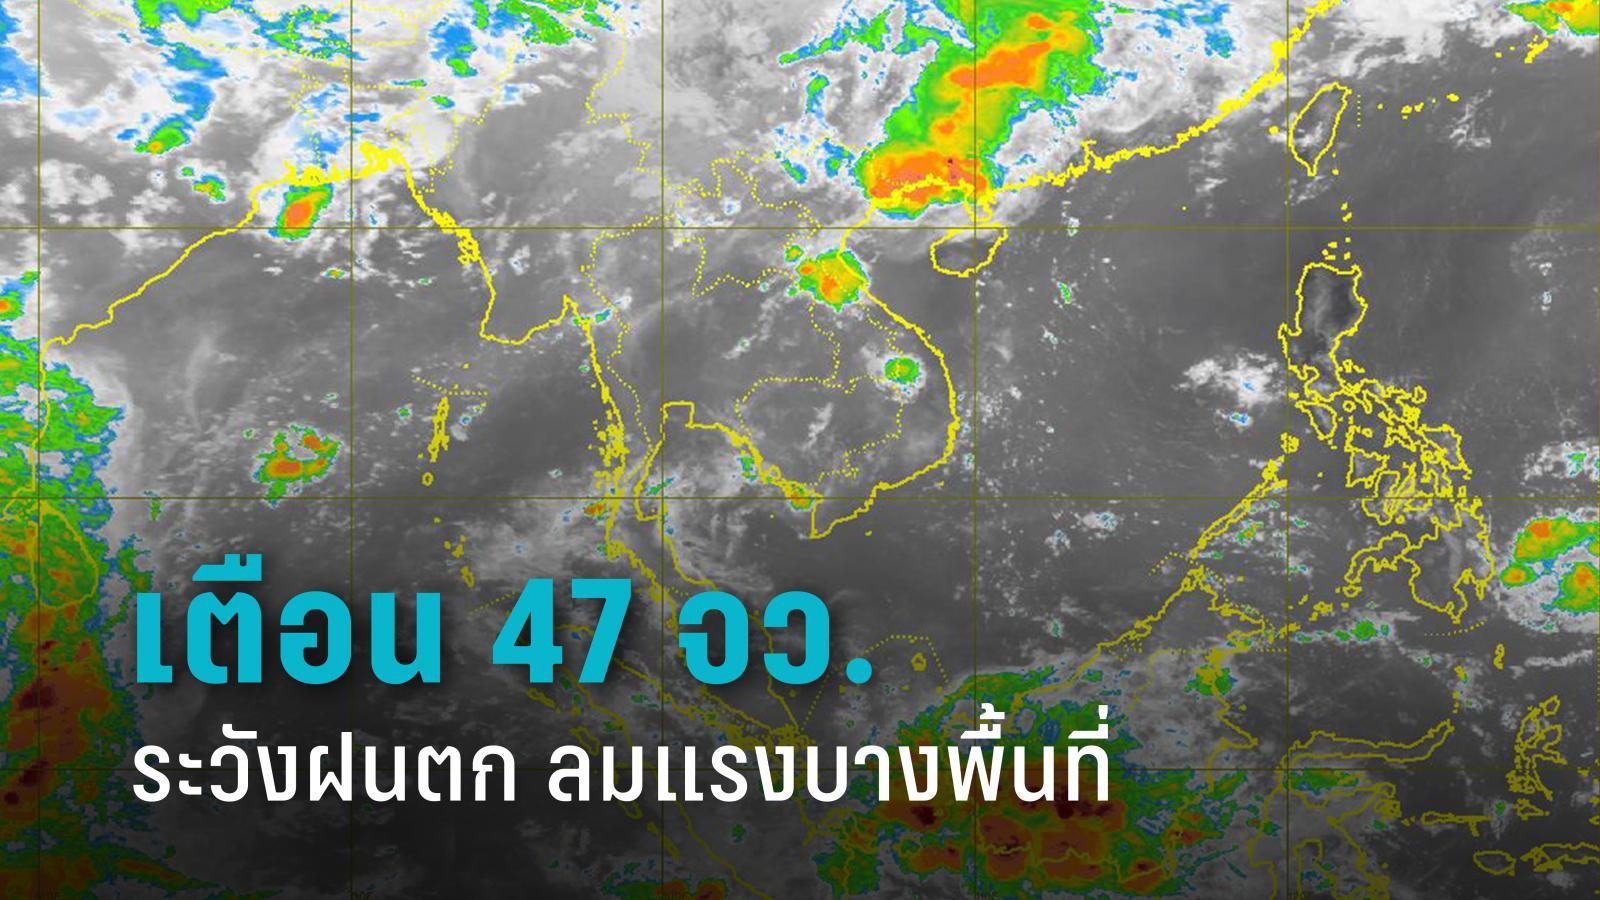 กรมอุตุฯ เตือน ไทยตอนบนร้อน ระวังฝนถล่ม 47 จังหวัด กทม.ฟ้าคะนอง 20%